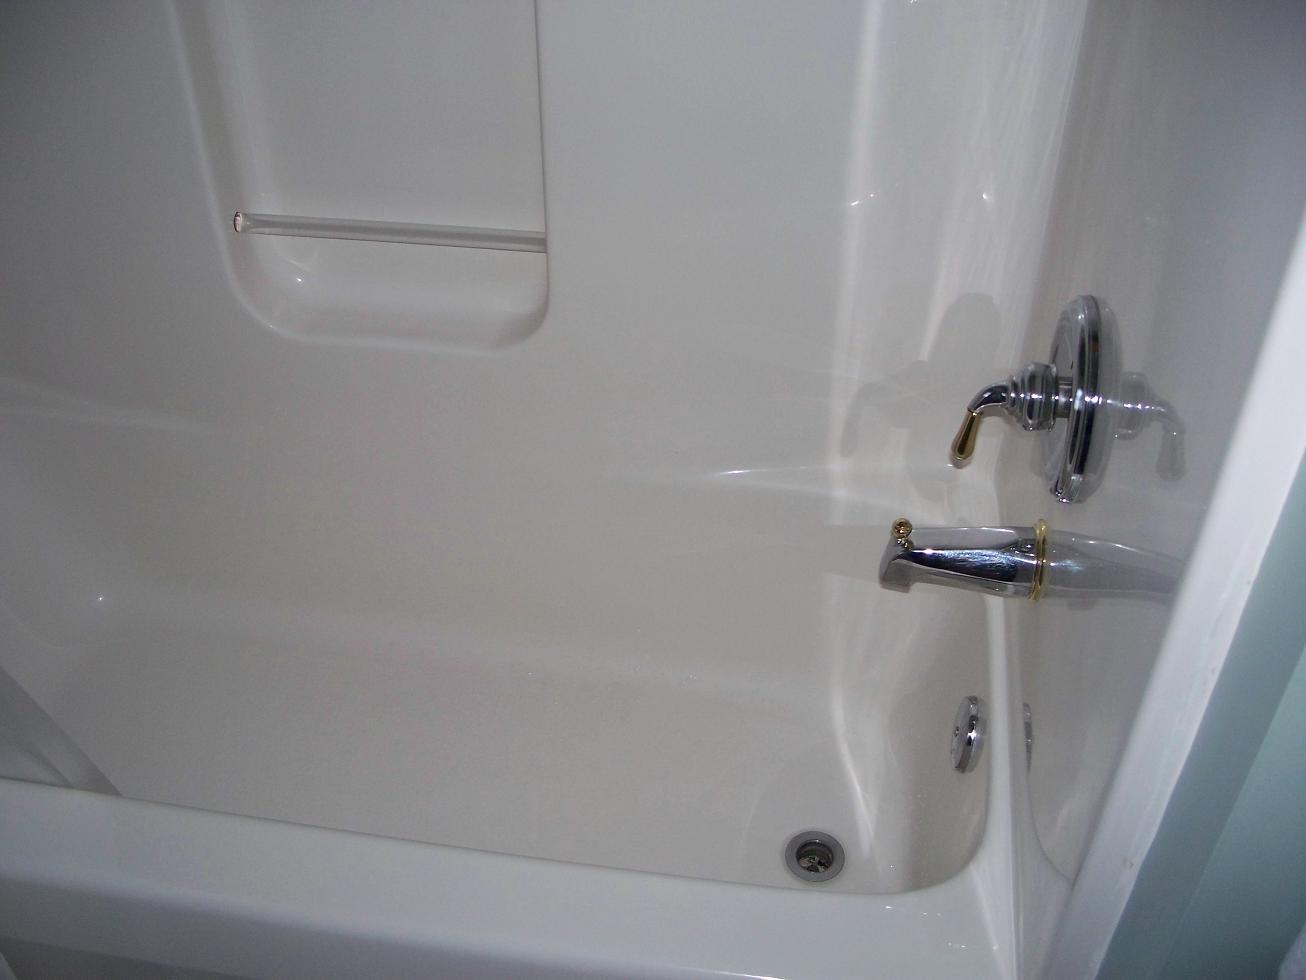 Shower Drain Slow-100_3772.jpg